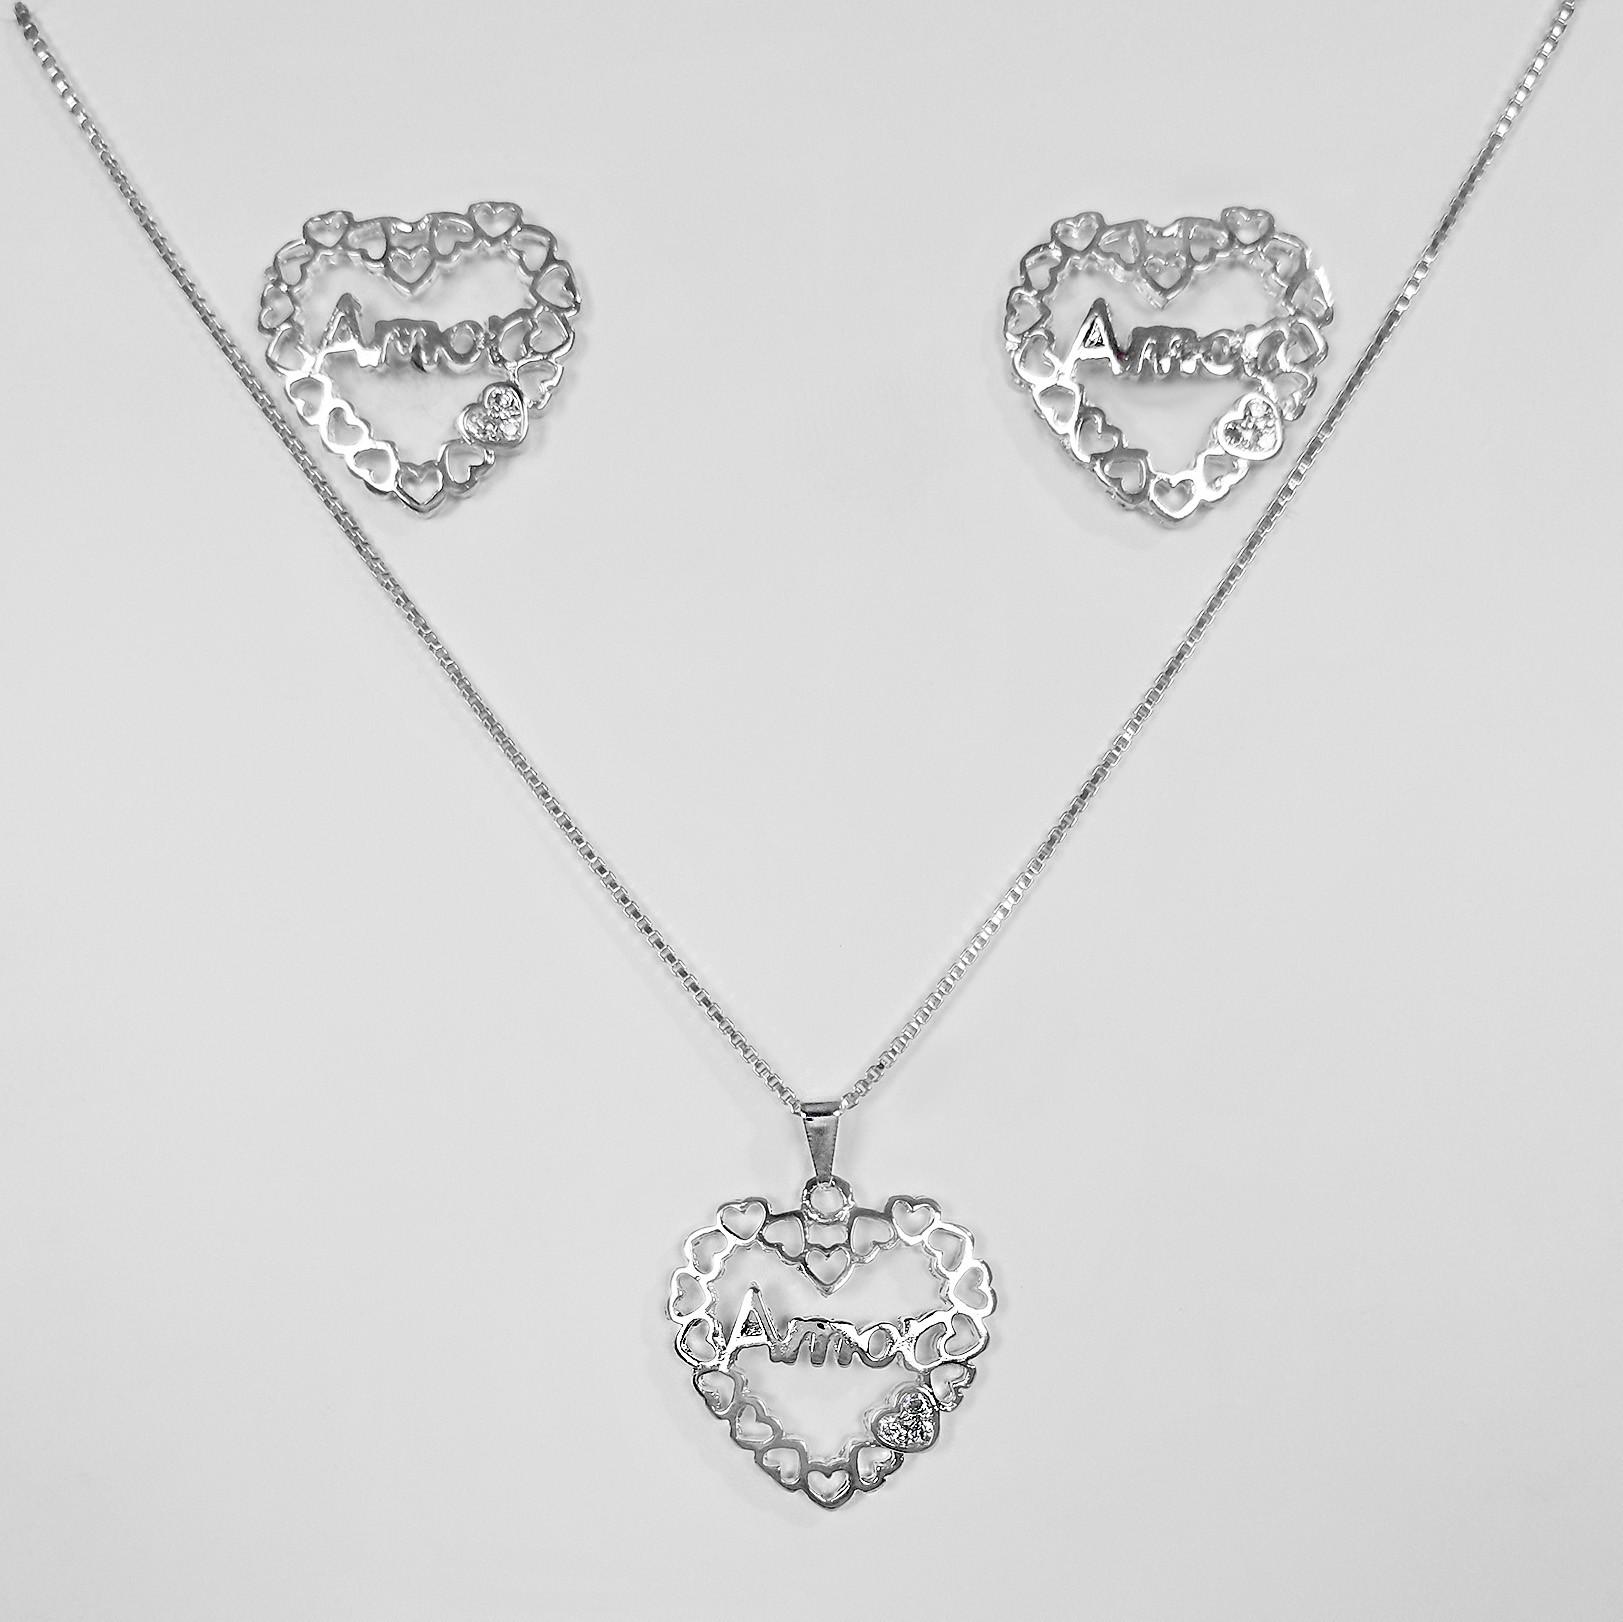 Conjunto Coração Amor com Zircônia Folheado a Prata 1000  - Lunozê Joias